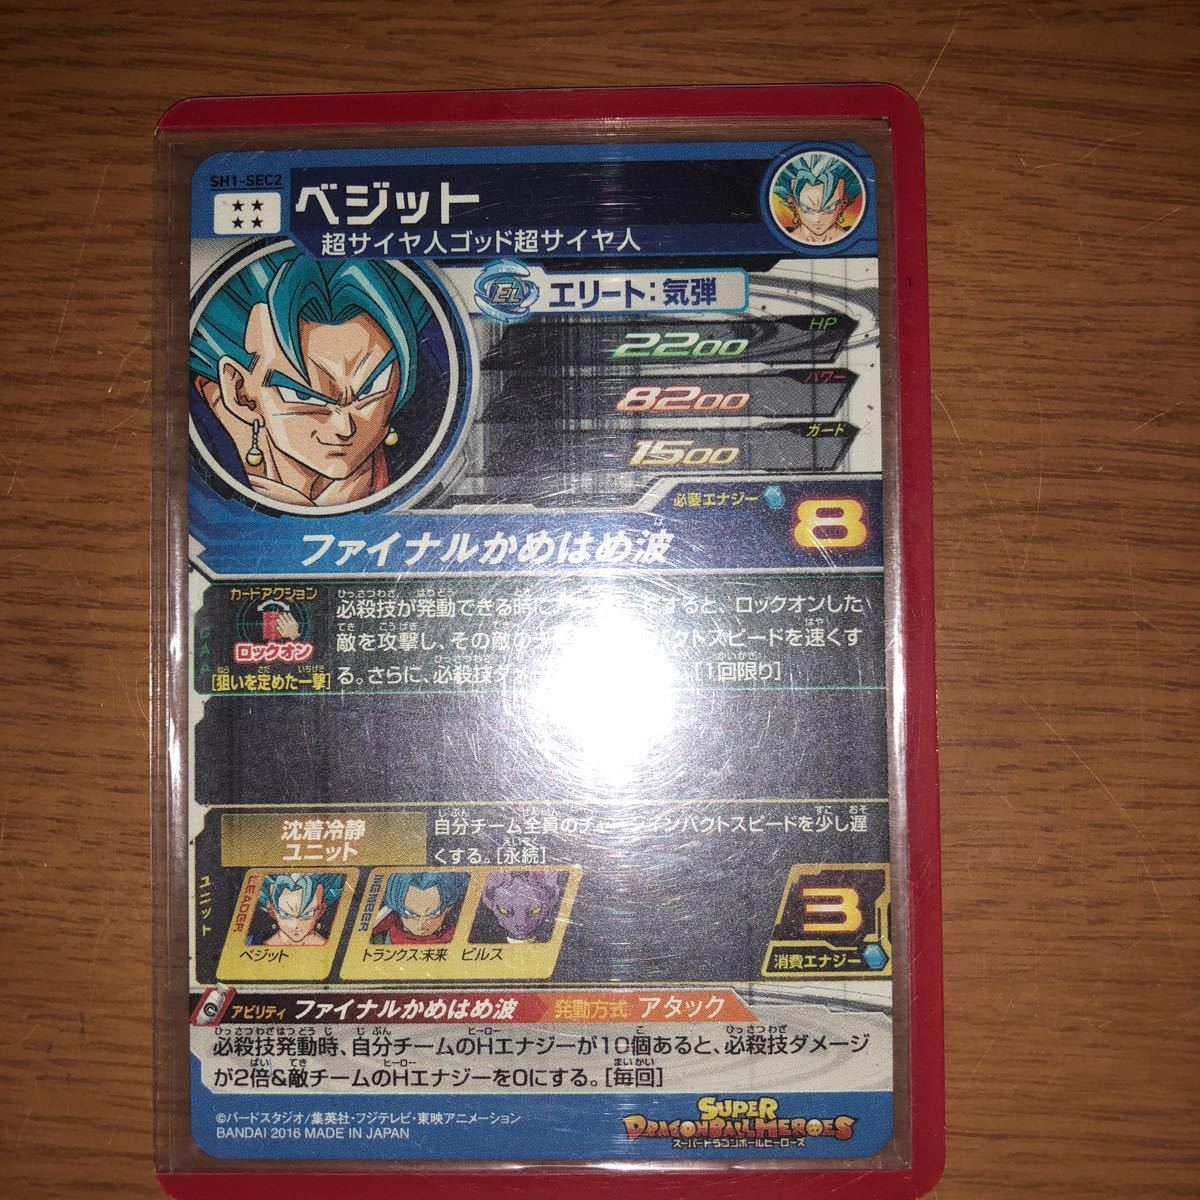 ★1円スタート★ドラゴンボールヒーローズ ベジットブルー ブルベジ SEC SH1-SEC2 ベジット 3枚セット_画像2